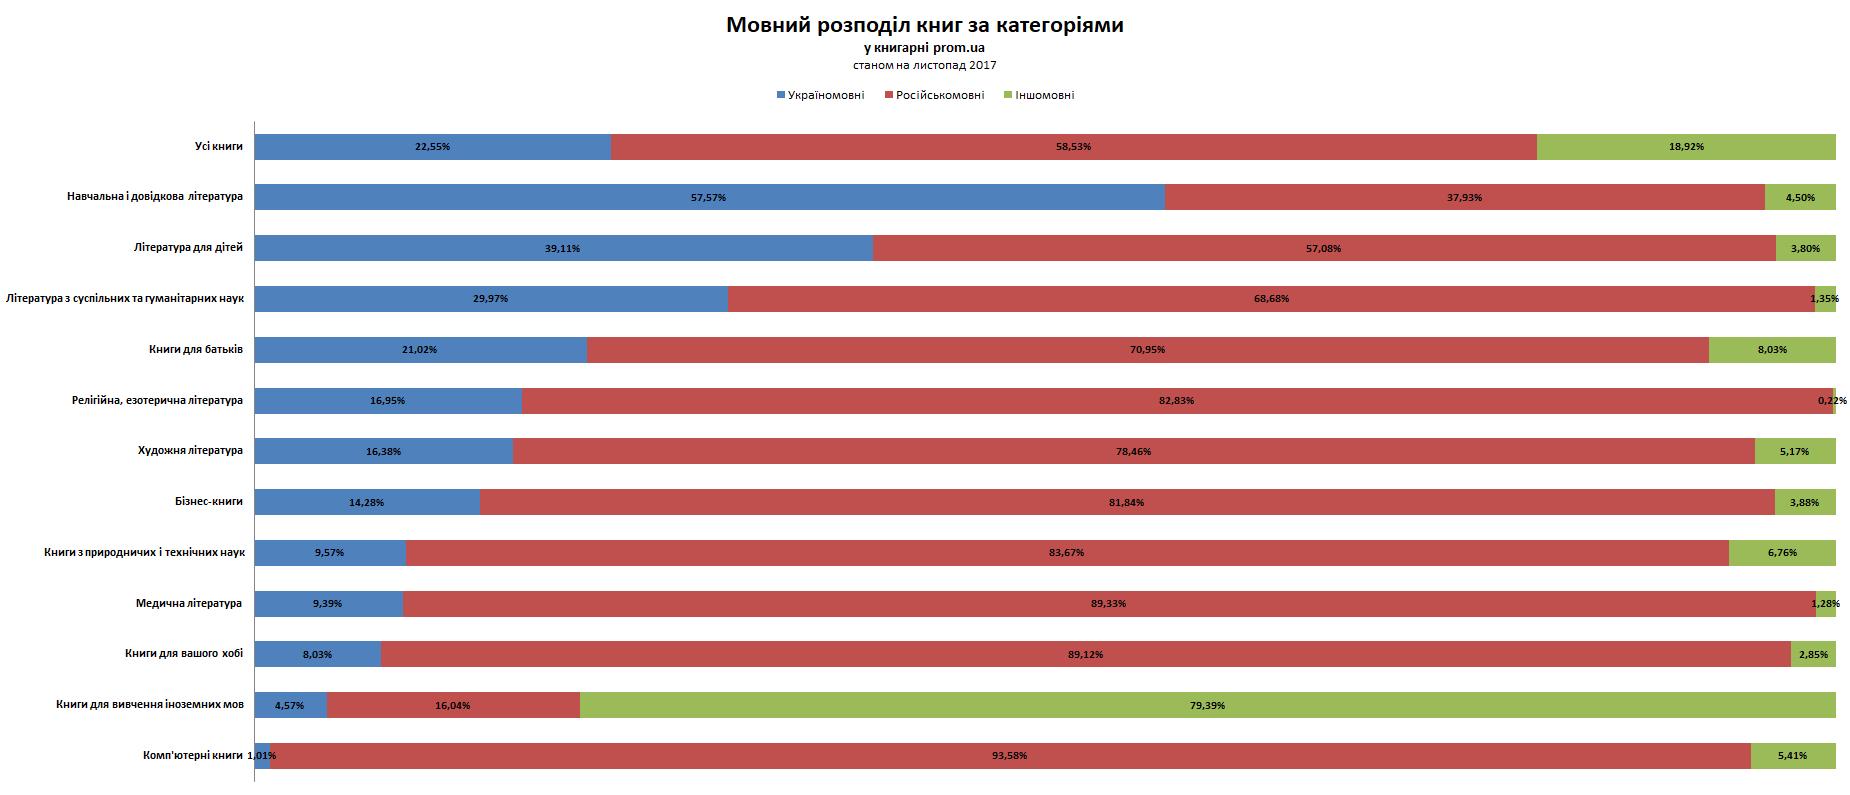 Мовний розподіл книг за категоріями у книгарні prom.ua